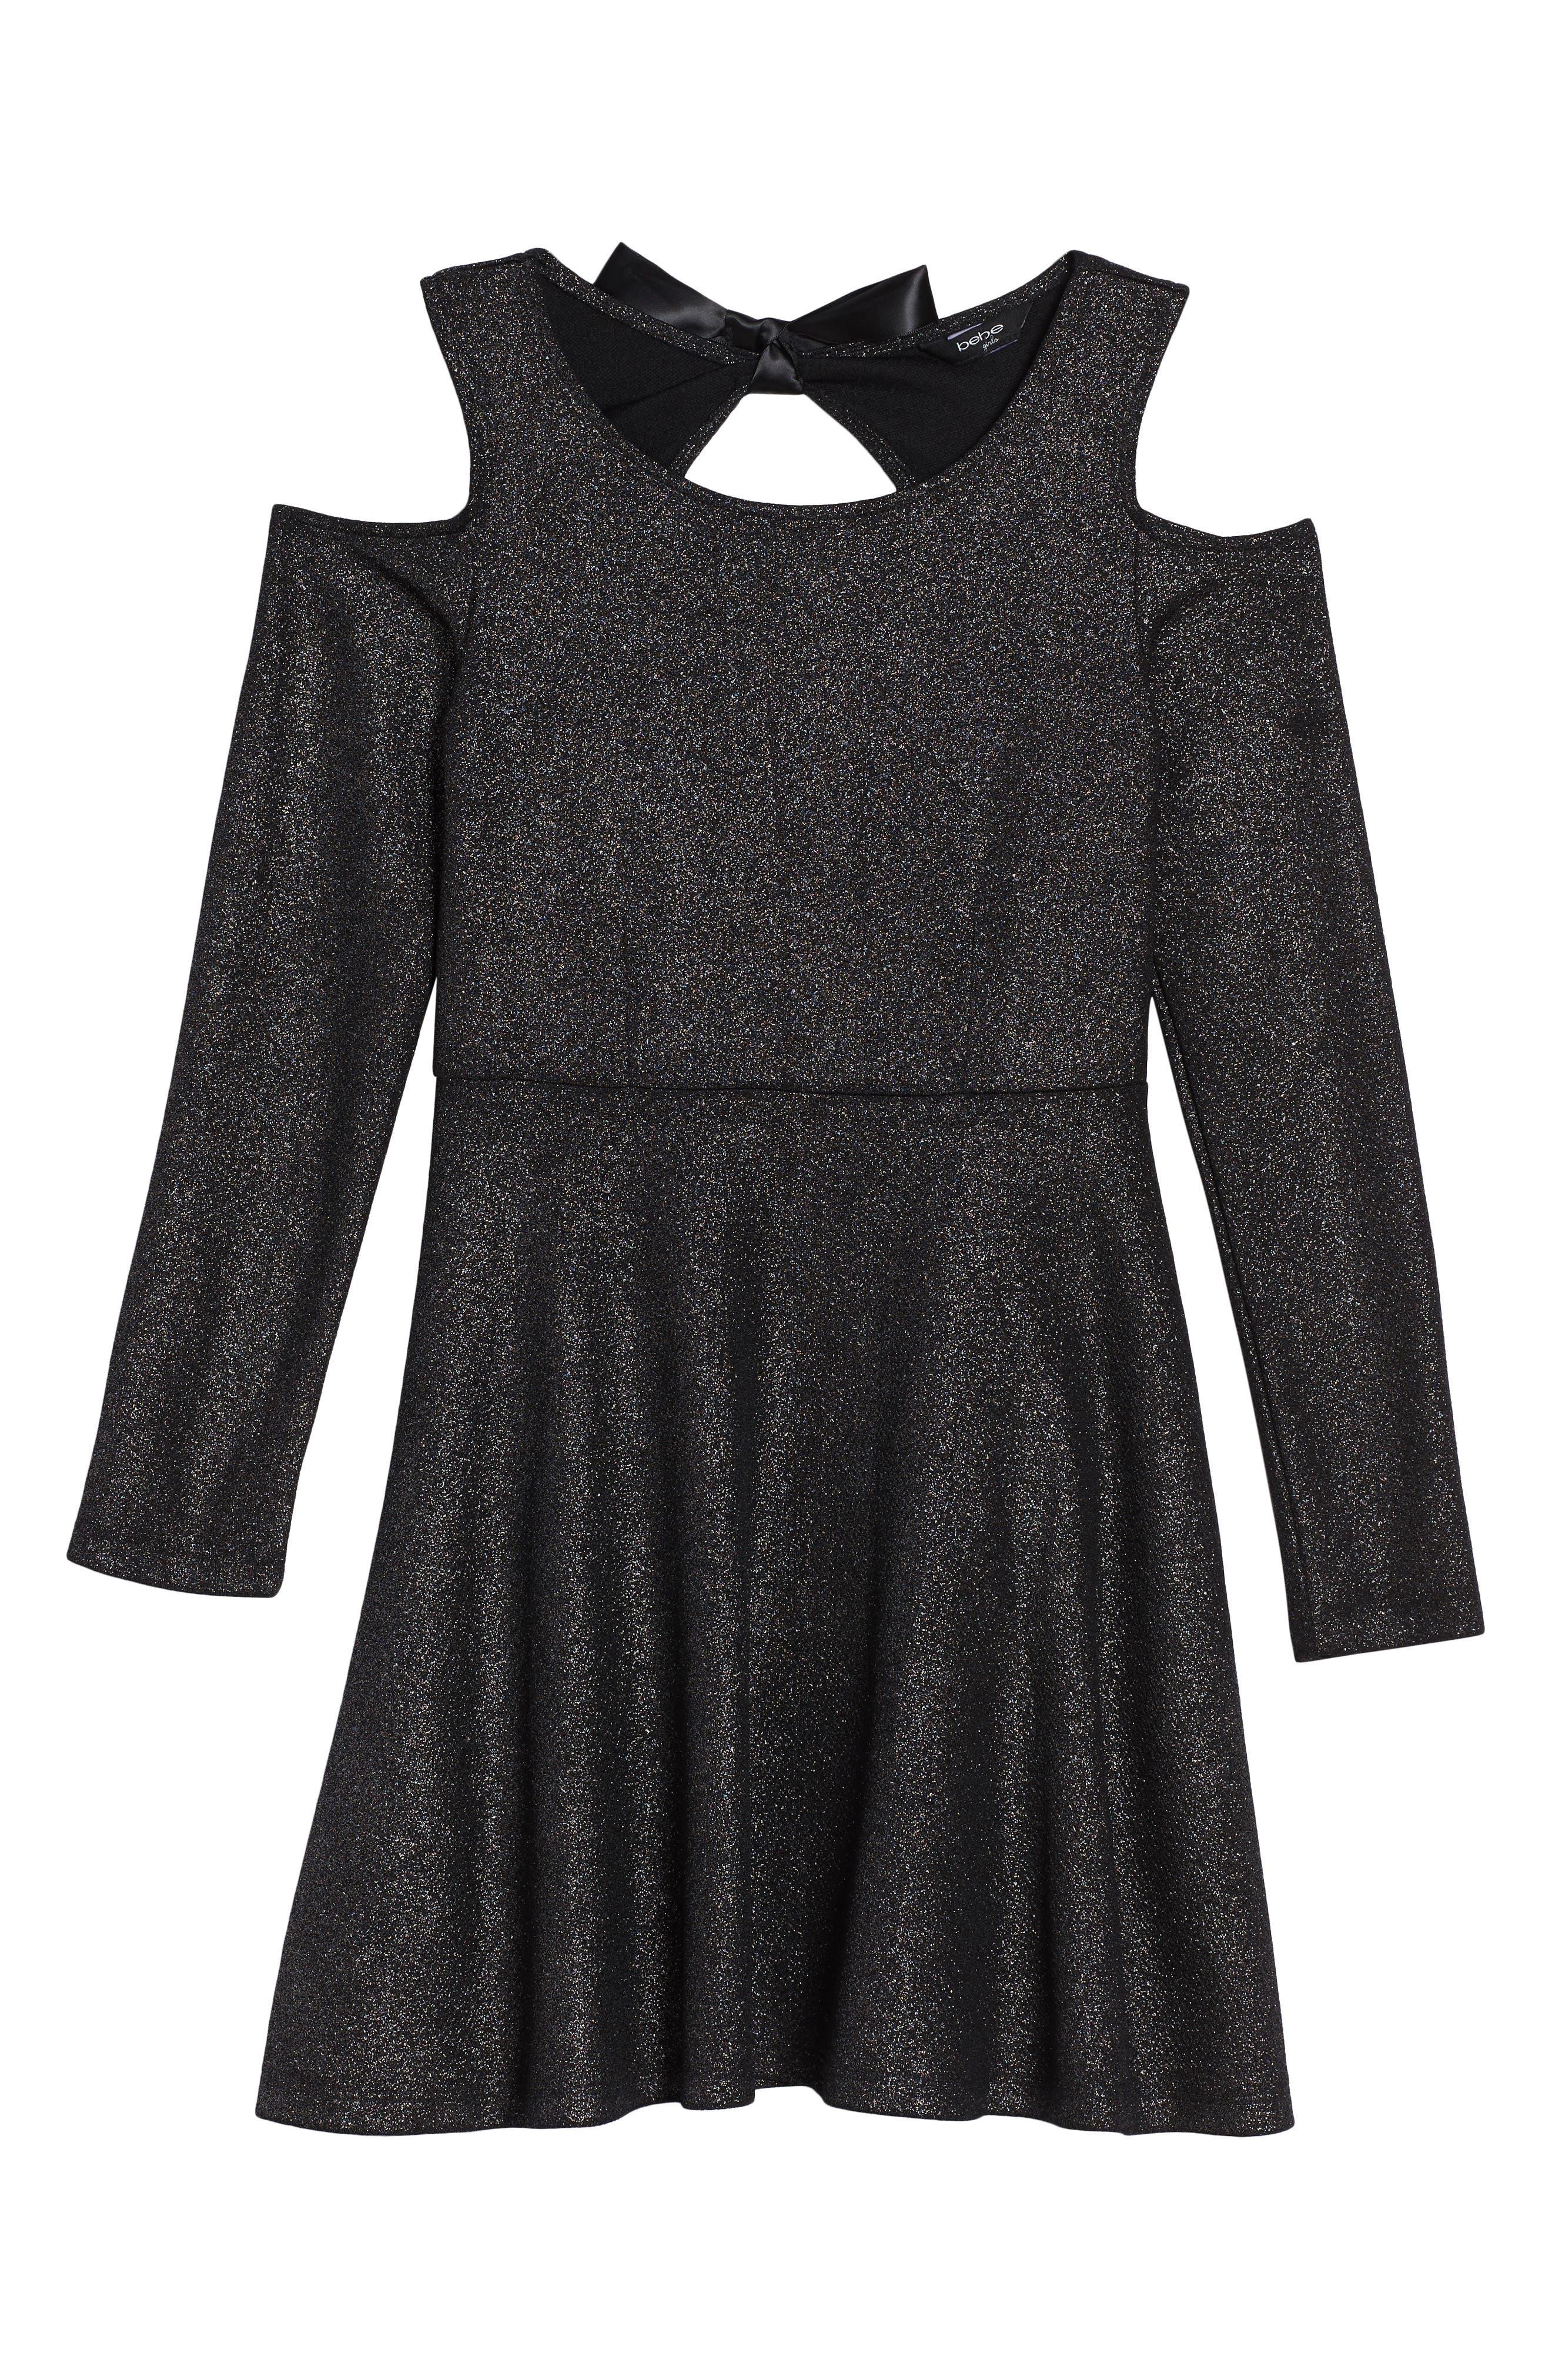 Alternate Image 1 Selected - bebe Sparkle Knit Cold Shoulder Dress (Big Girls)